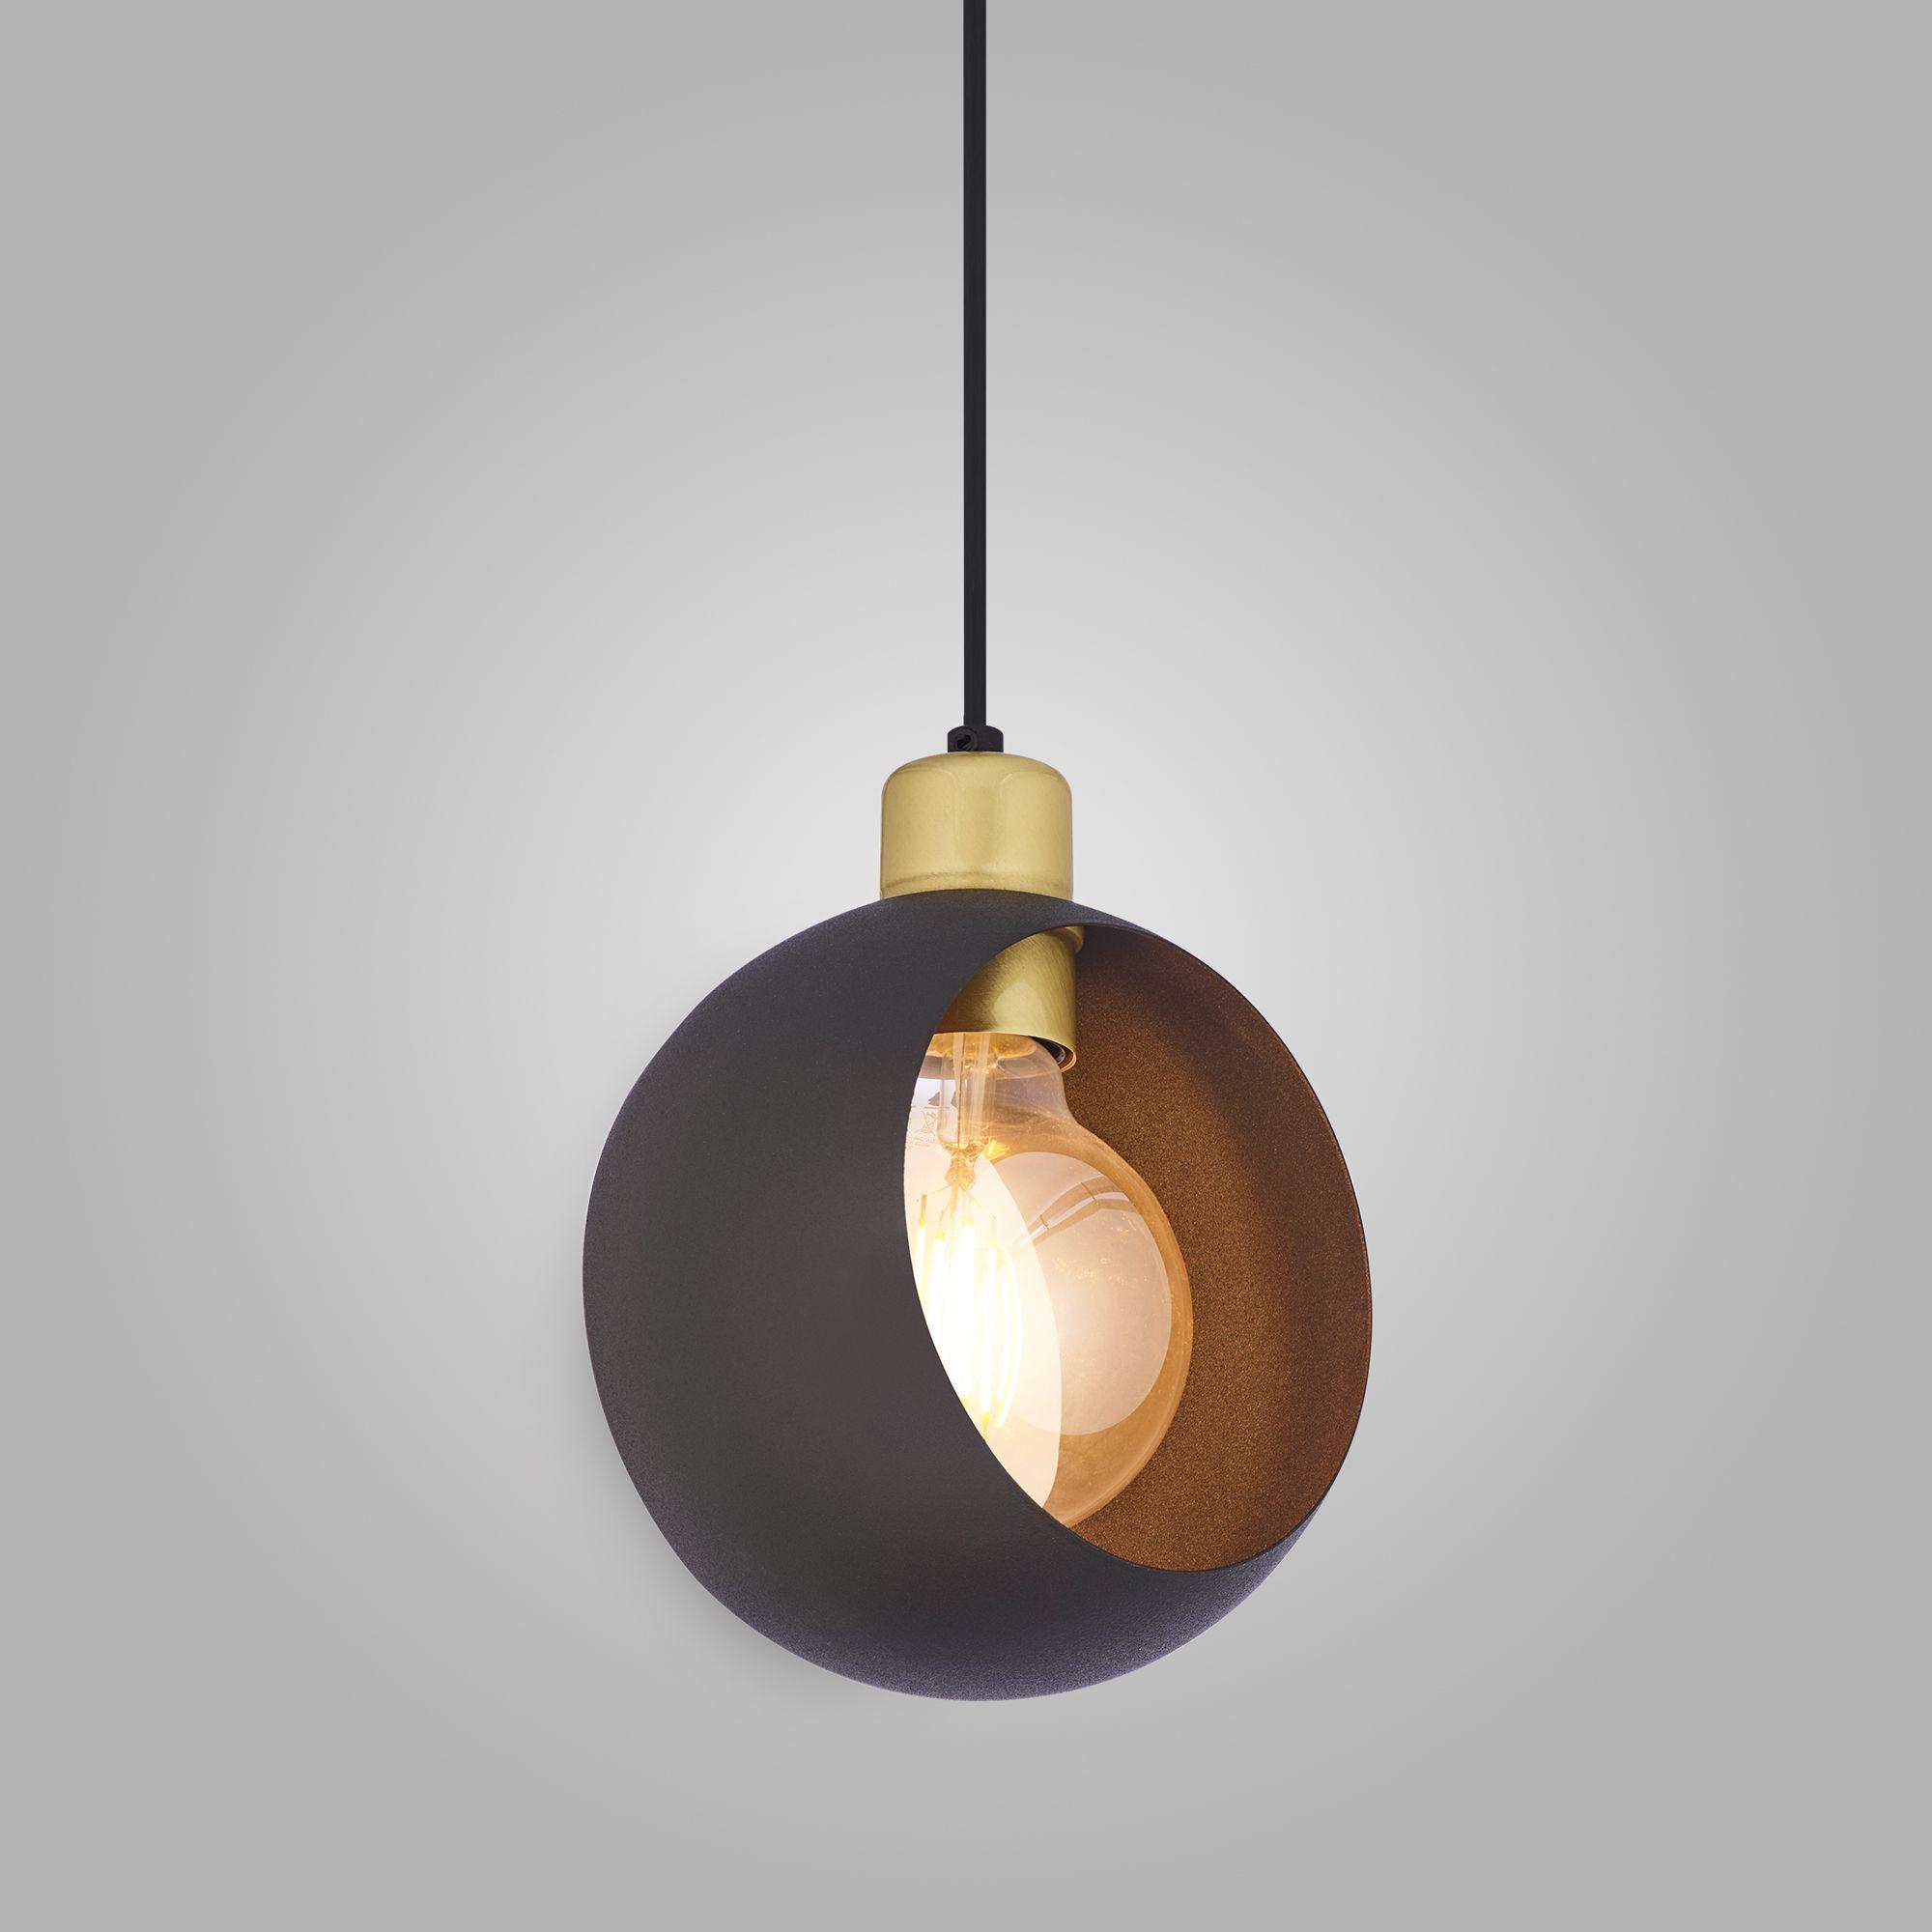 Подвесной светильник в стиле лофт 2751 Cyklop